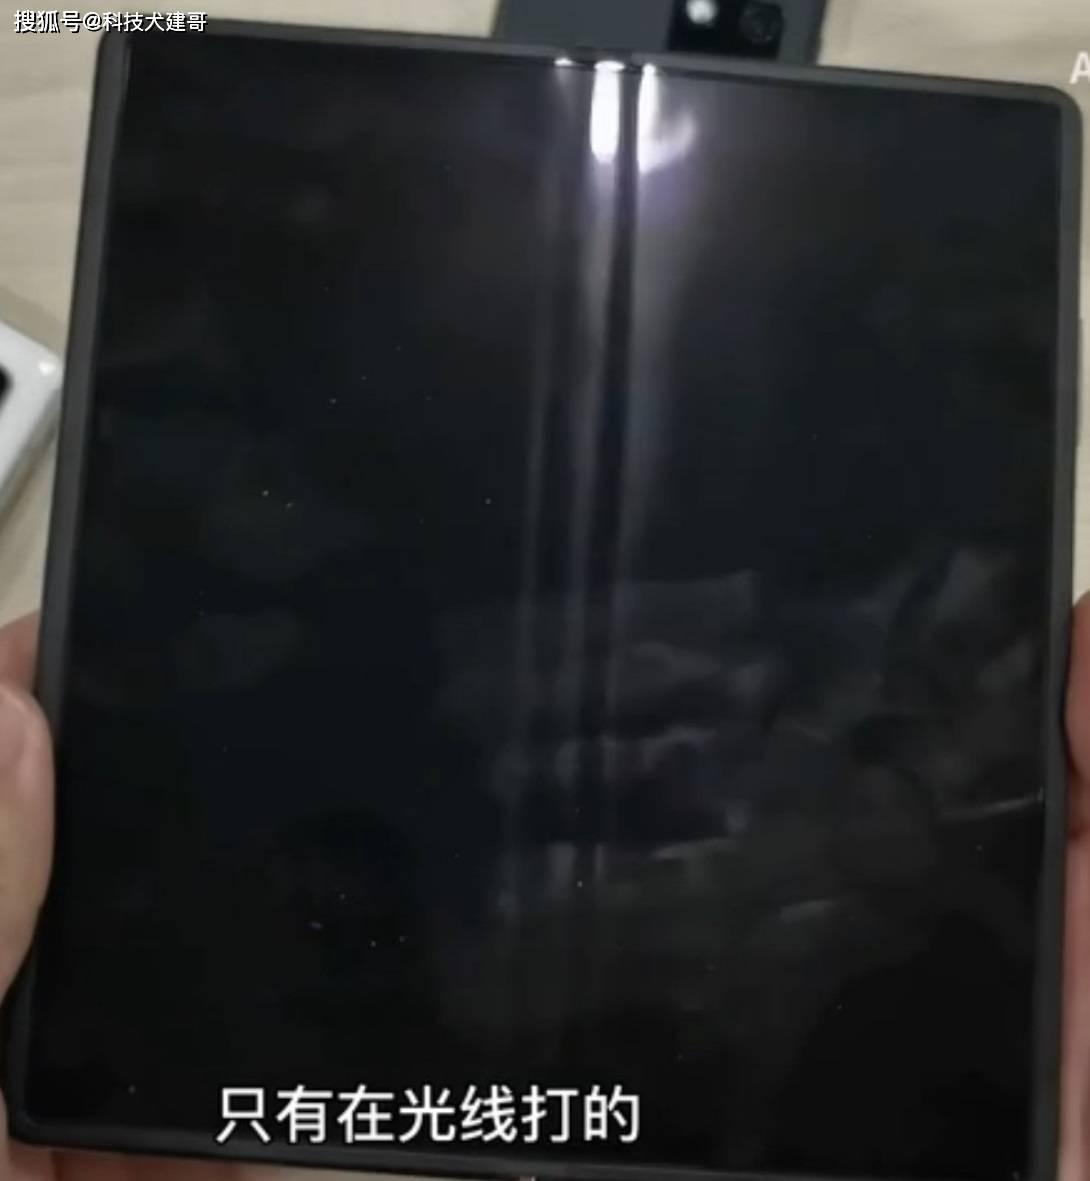 天顺app下载-首页【1.1.0】  第2张